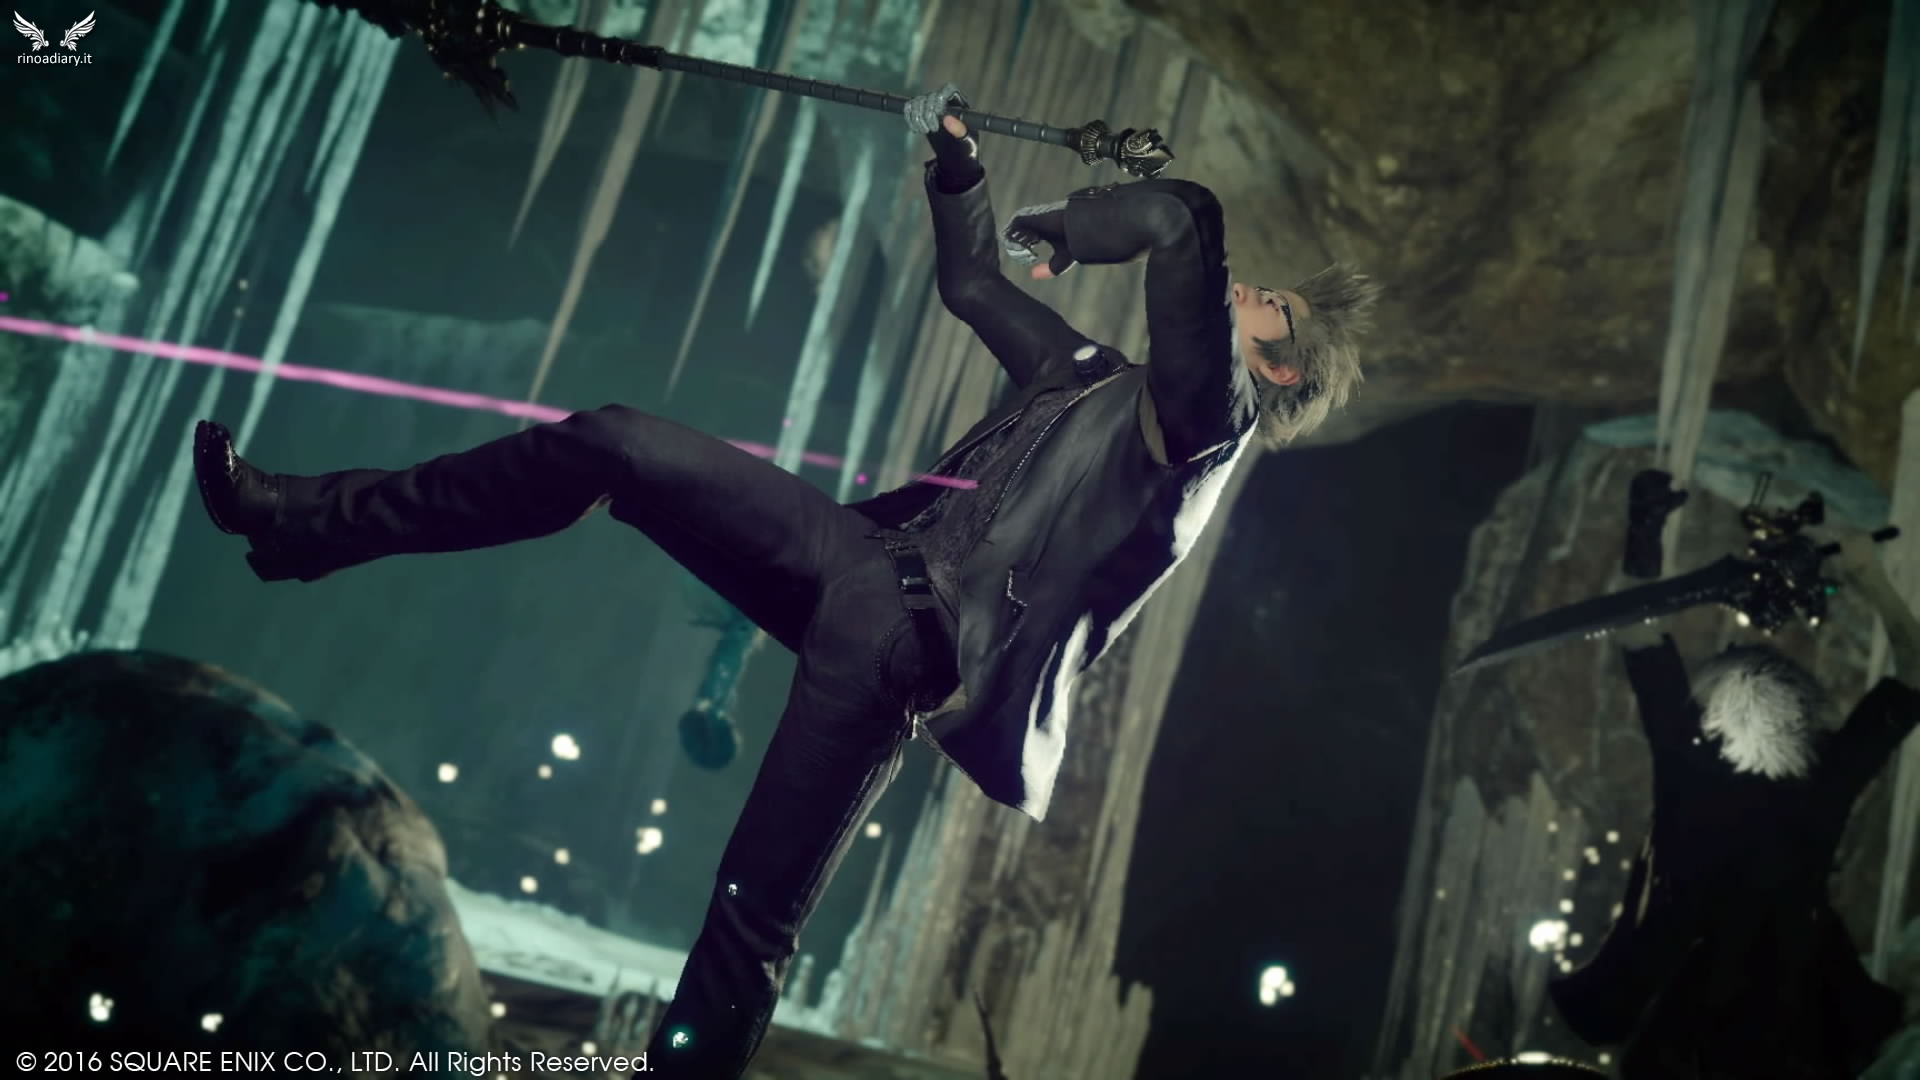 Le più curiose foto di Prompto, fotografo sopraffino di Final Fantasy XV!